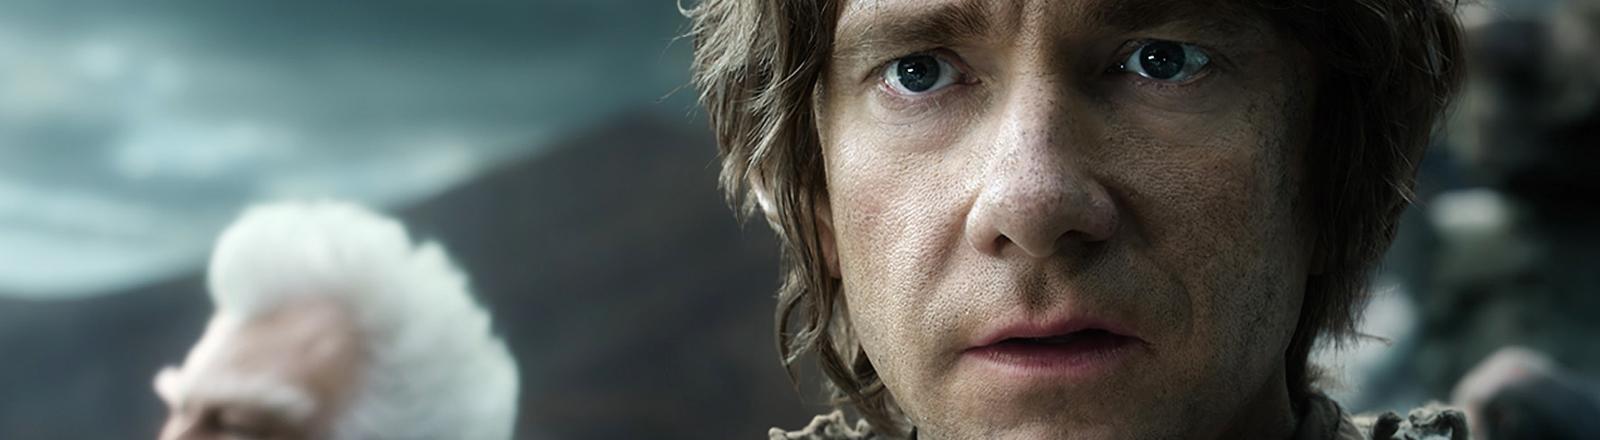 """Martin Freeman als Bilbo Beutlin in einer Szene des Films """"Der Hobbit - Die Schlacht der fünf Heere"""""""